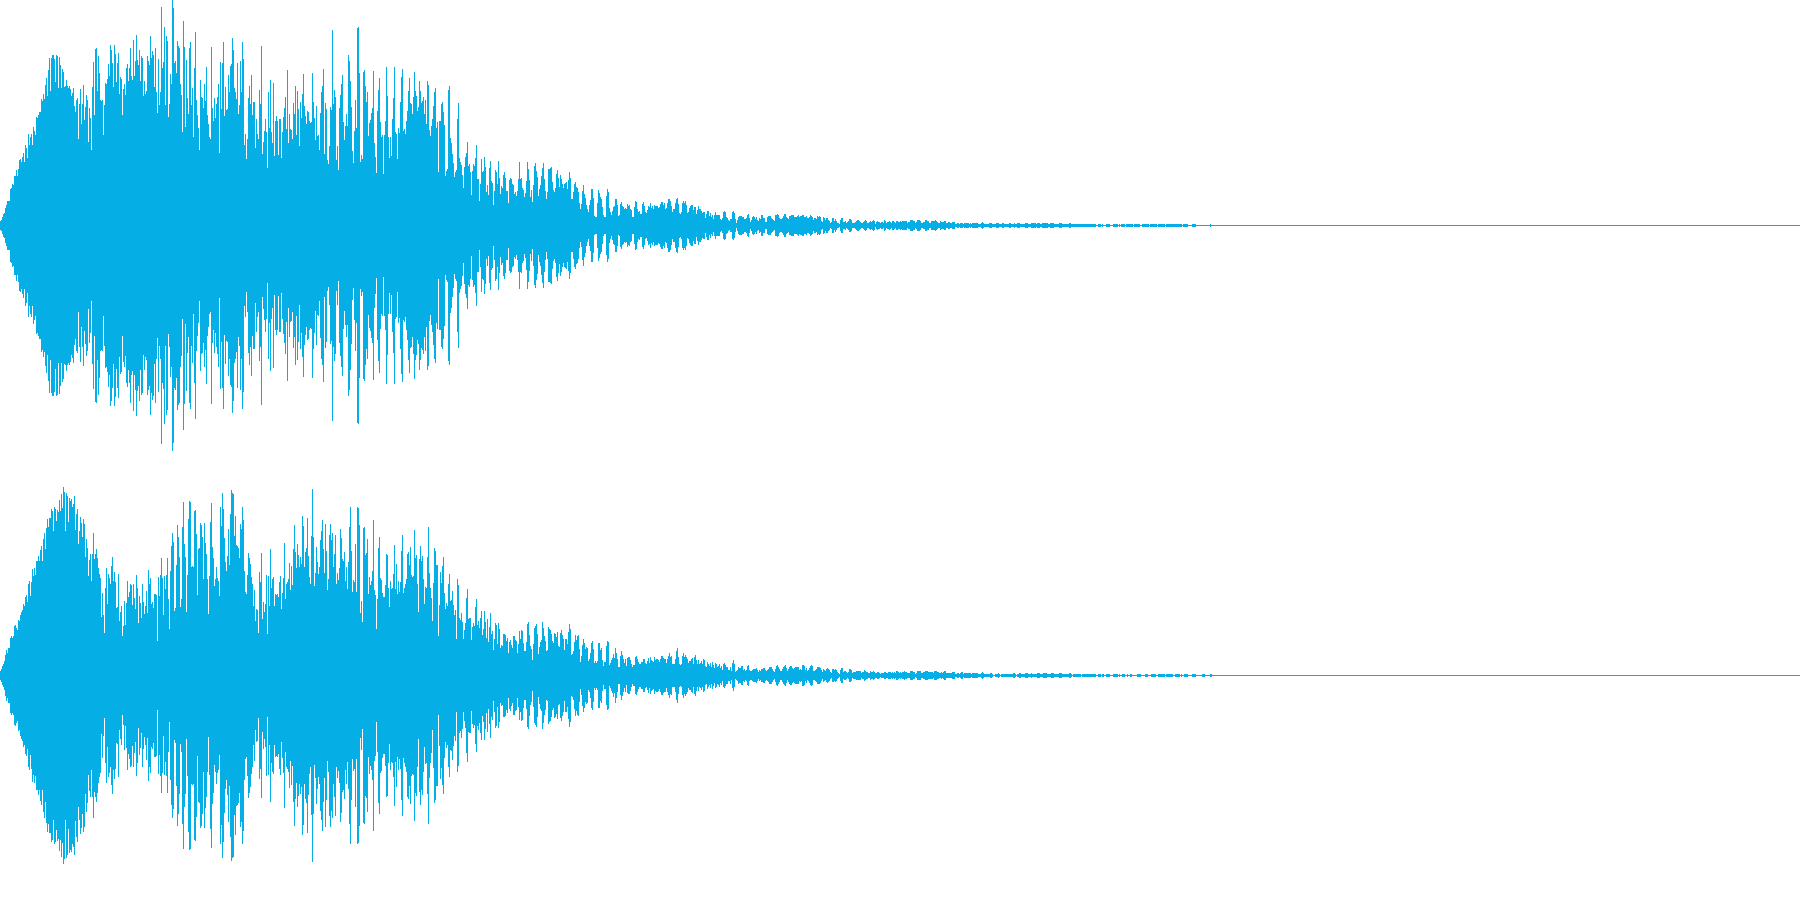 不思議な魔法の効果音の再生済みの波形